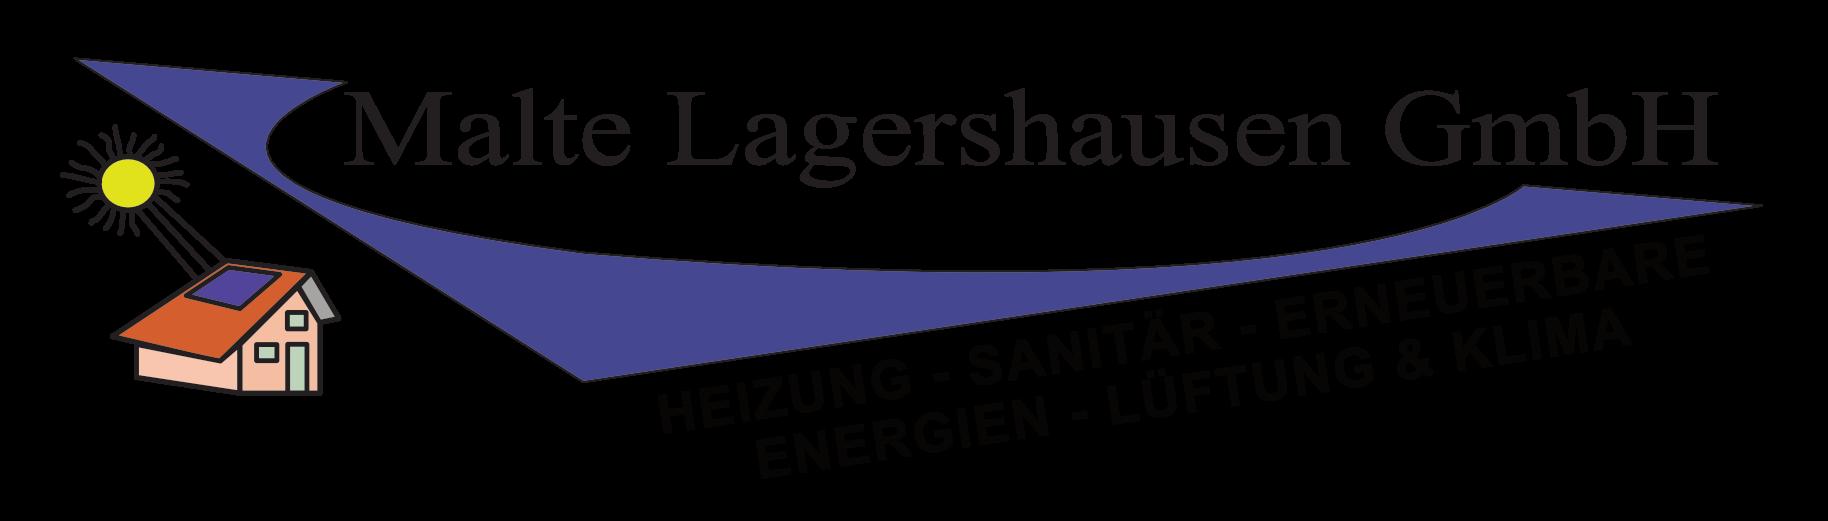 Malte Lagershausen GmbH – Salzgitter